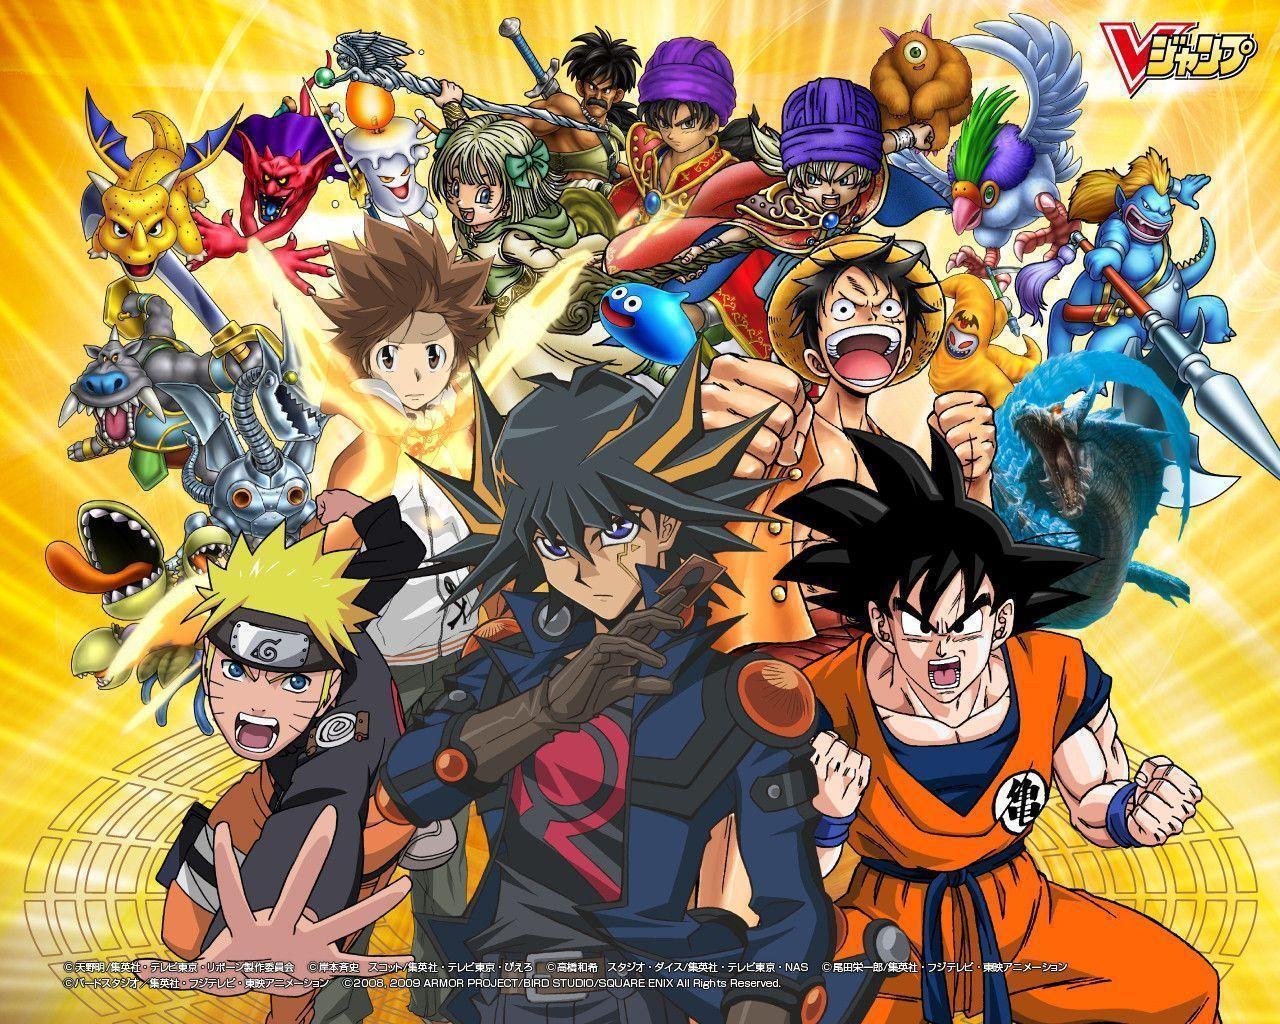 Goku And Naruto Wallpapers 1280x1024